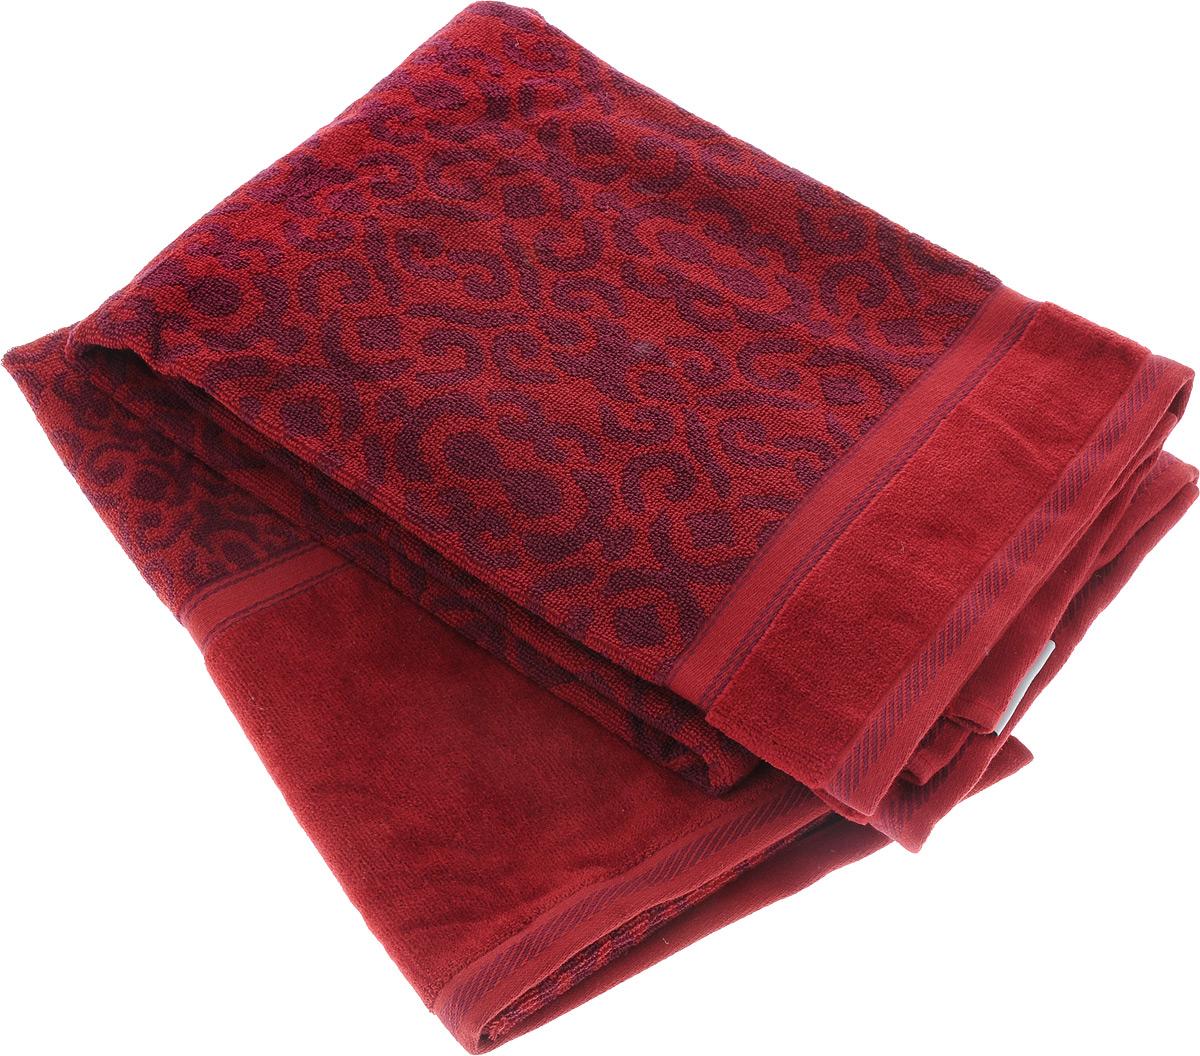 Набор махровых полотенец Toalla Флора, цвет: бордовый, фиолетовый, 2 шт68/5/2Набор Toalla Флора состоит из 2 прямоугольных махровых полотенец, выполненных из 100% хлопка. Ткань полотенец обладает высокой плотностью и мягкостью, отличается высоким качеством и длительным сроком службы. В процессе эксплуатации материал становится только мягче и приятней на ощупь. Египетский хлопок не содержит линта (хлопковый пух), поэтому на ткани не образуются катышки даже после многократных стирок и длительного использования. Сверхдлинные волокна придают ткани характерный красивый блеск. Полотенца отлично впитывают влагу и быстро сохнут. Такой набор красиво дополнит интерьер ванной комнаты и станет практичным приобретением. Полотенца оформлены изысканными узорами.